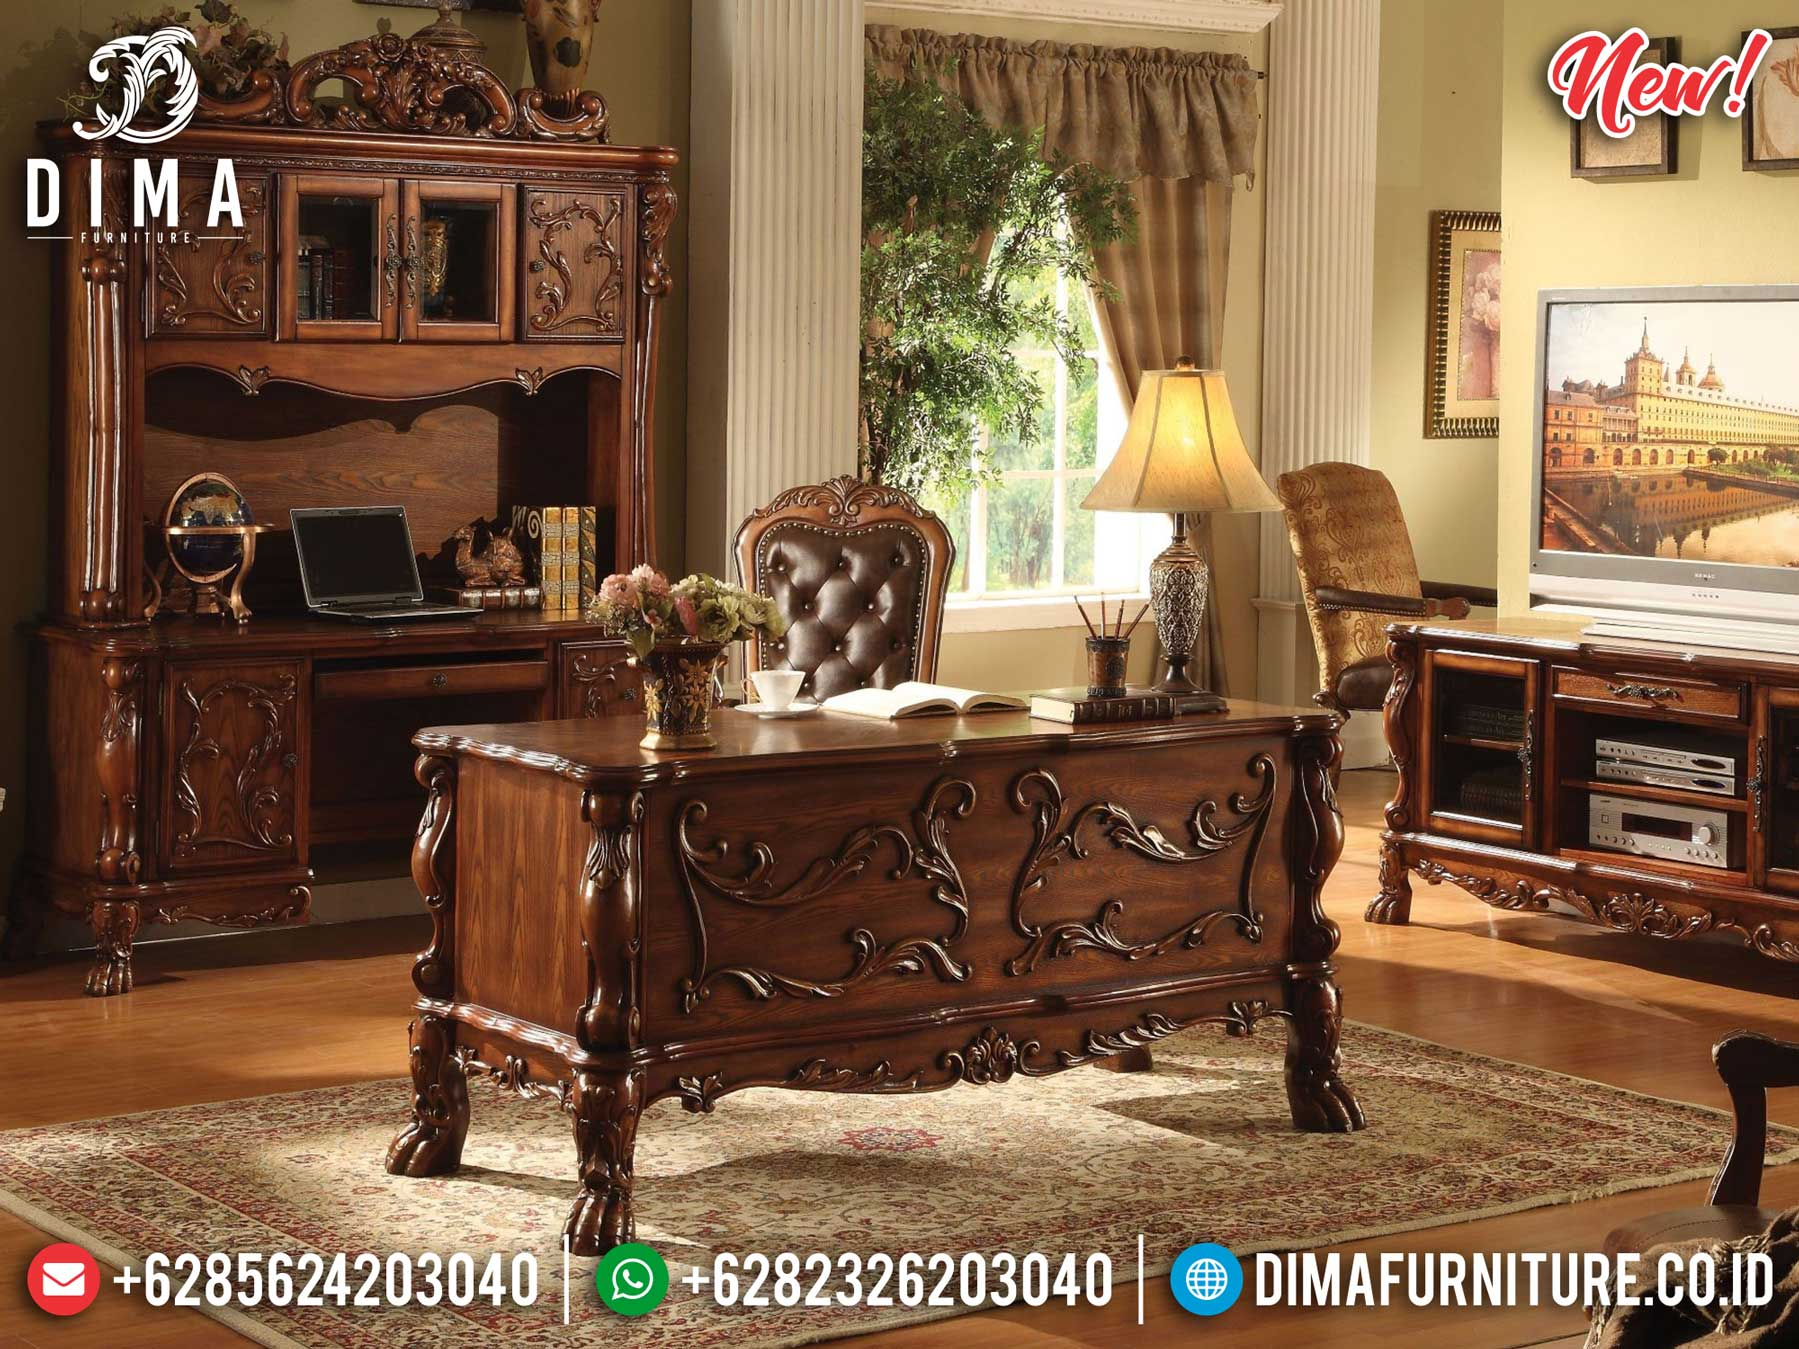 Classic Model Meja Kantor Direktur Mewah Buy Now And Get Promo TTJ-1306